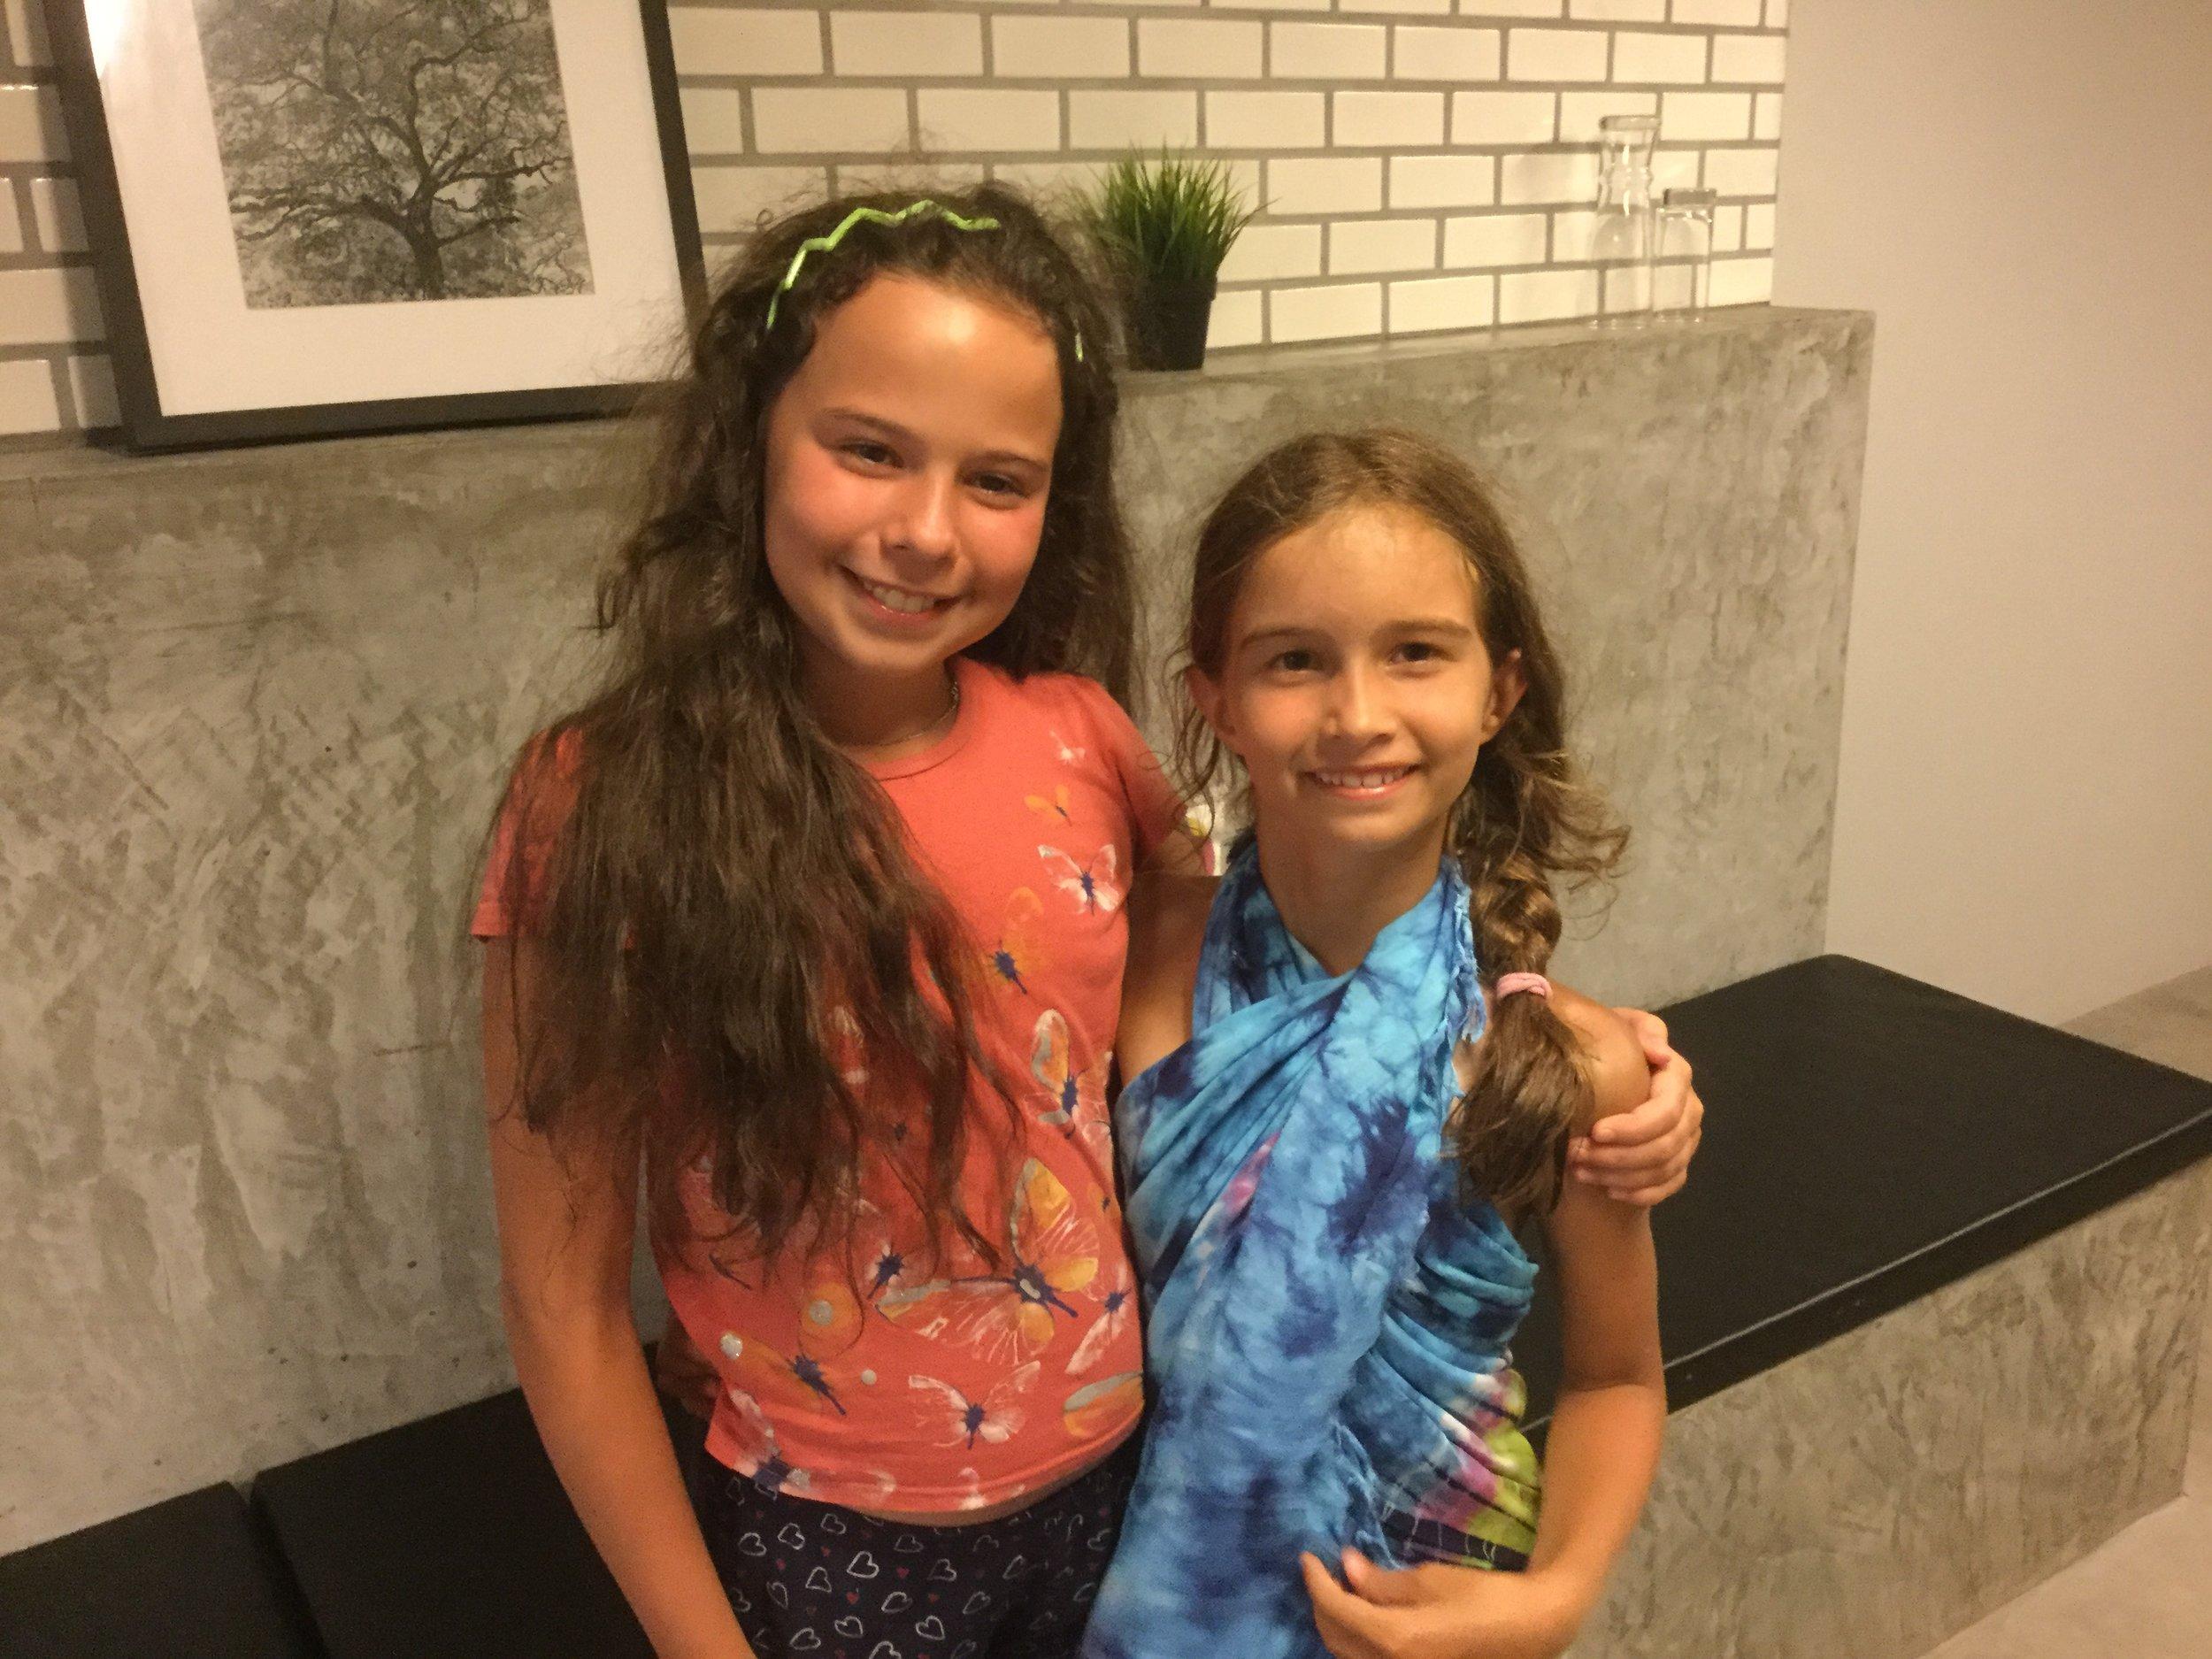 Two lovely girls.